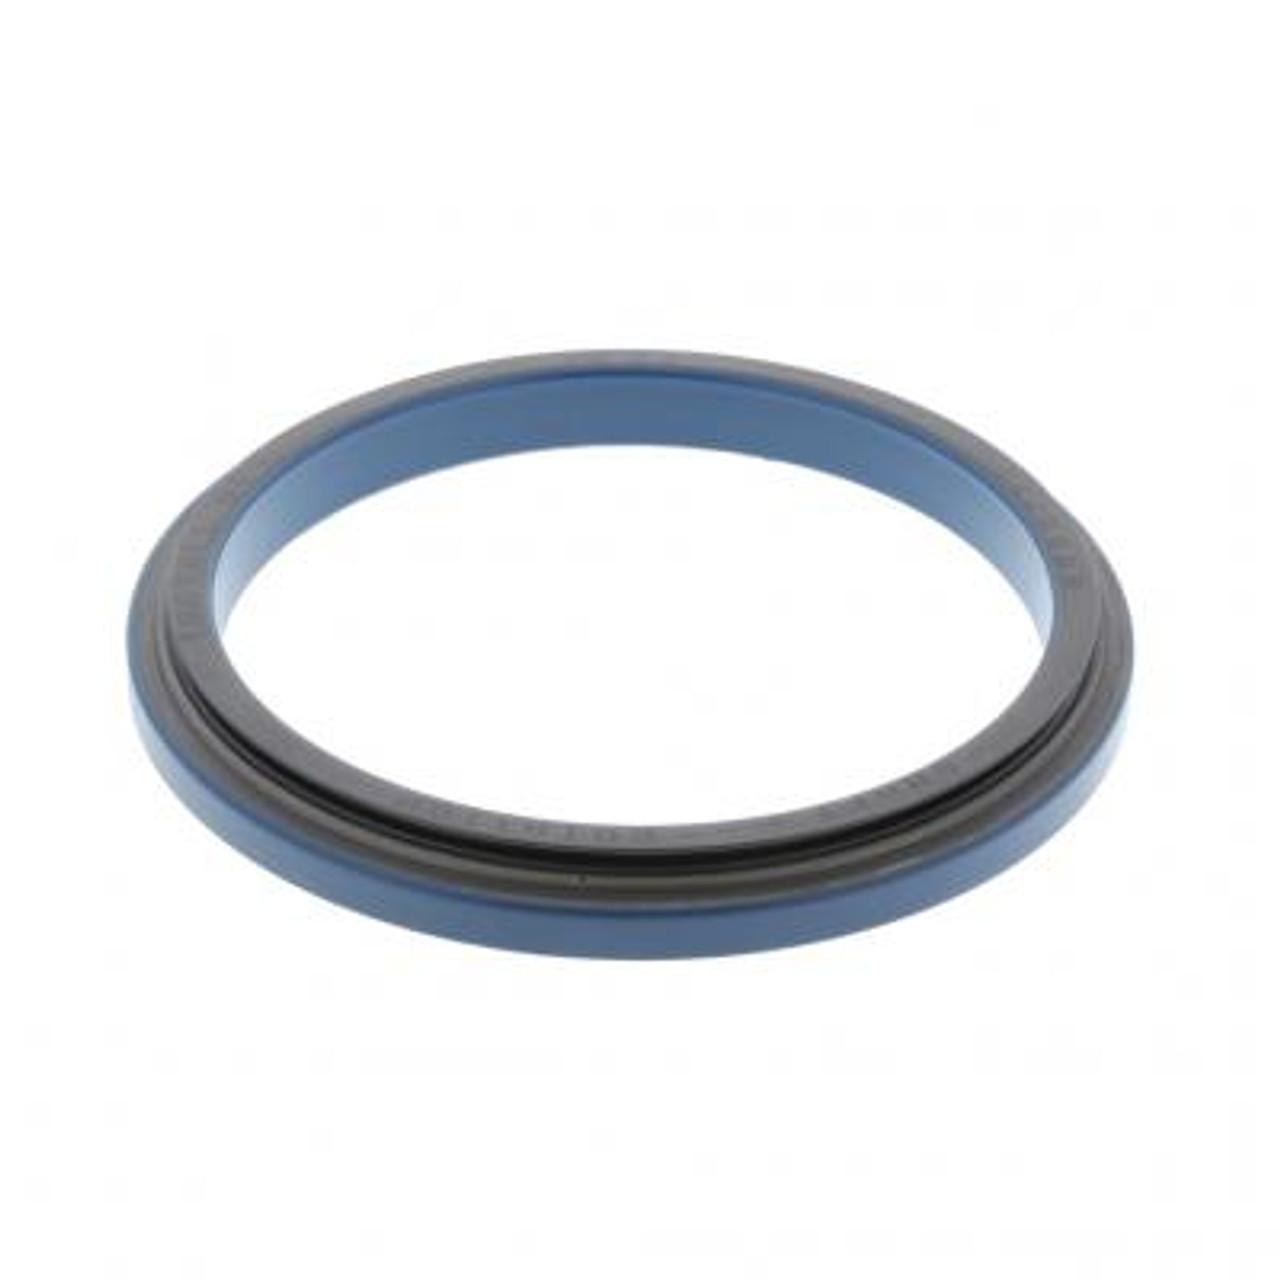 PAI 336012 Cat 3406 3408 3412 C15 ACER C16 C18 Rear Crank Seal